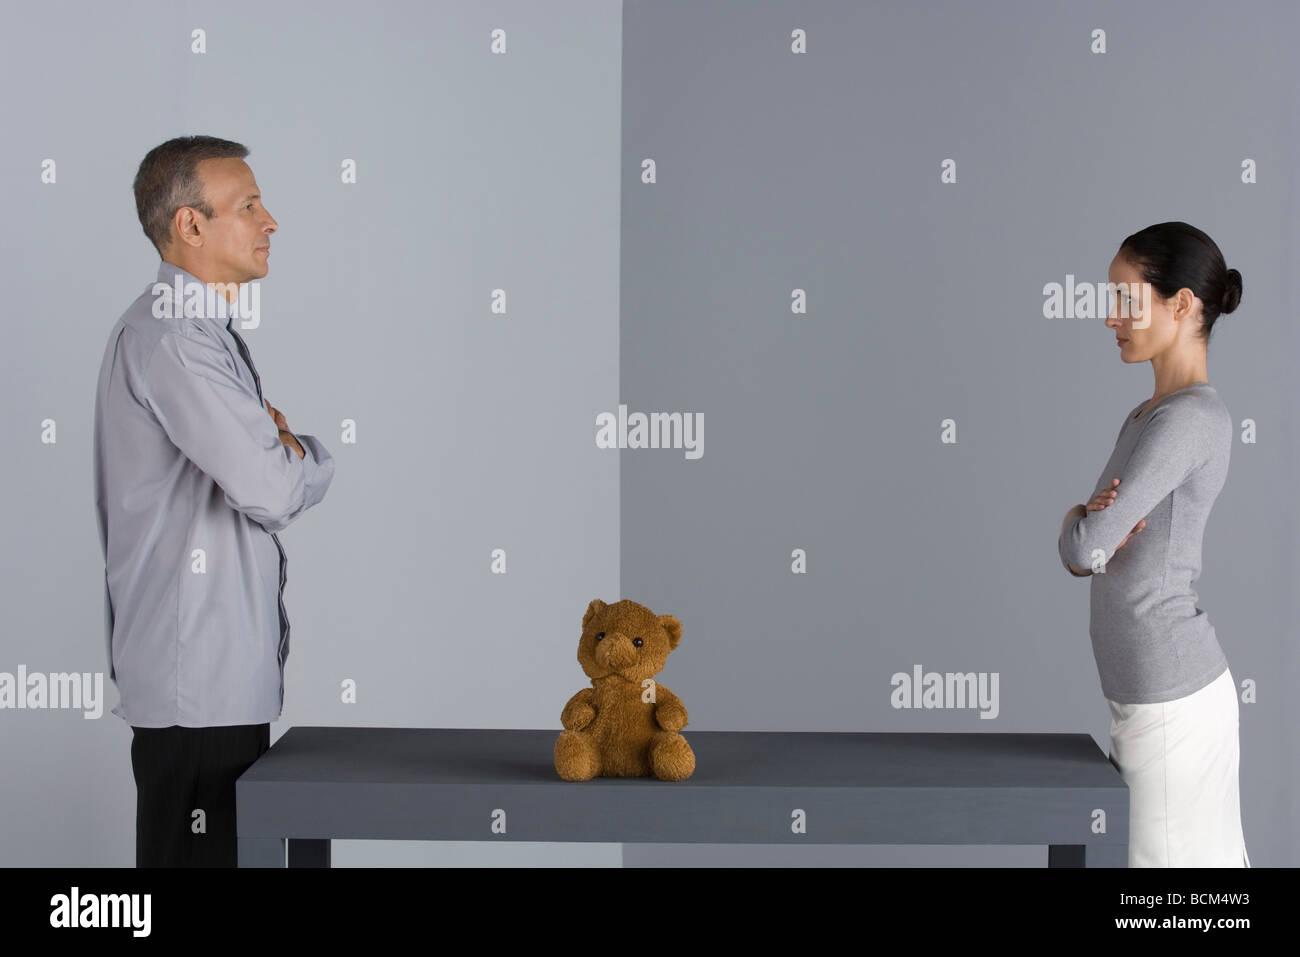 Paar von Angesicht zu Angesicht am Tisch stehen, verschränkt Arme, Teddybär zwischen Ihnen Stockfoto